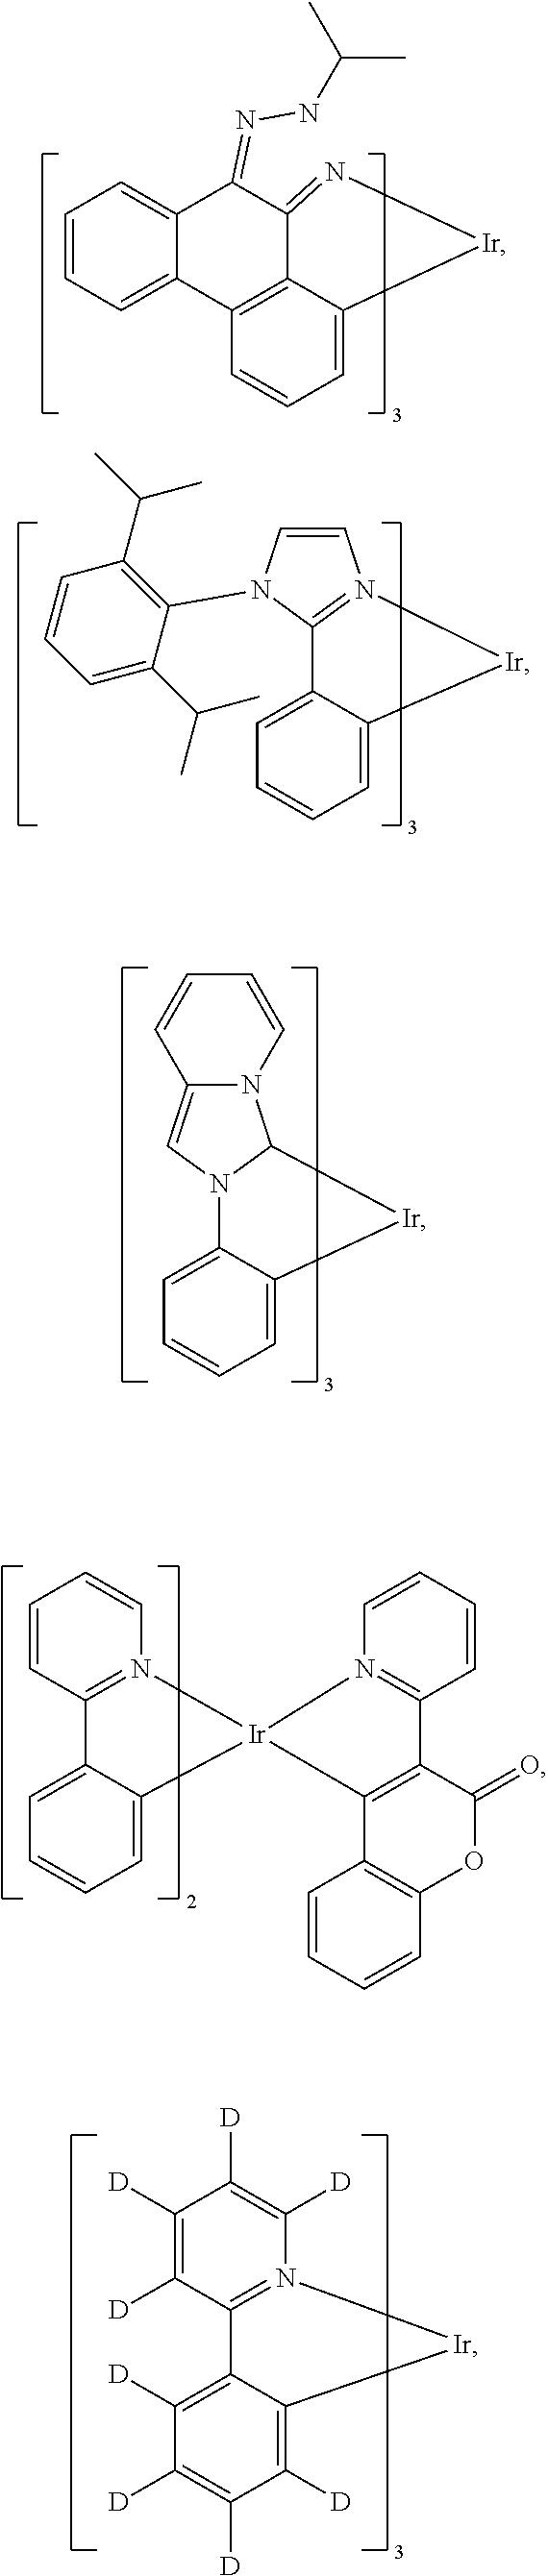 Figure US09859510-20180102-C00092